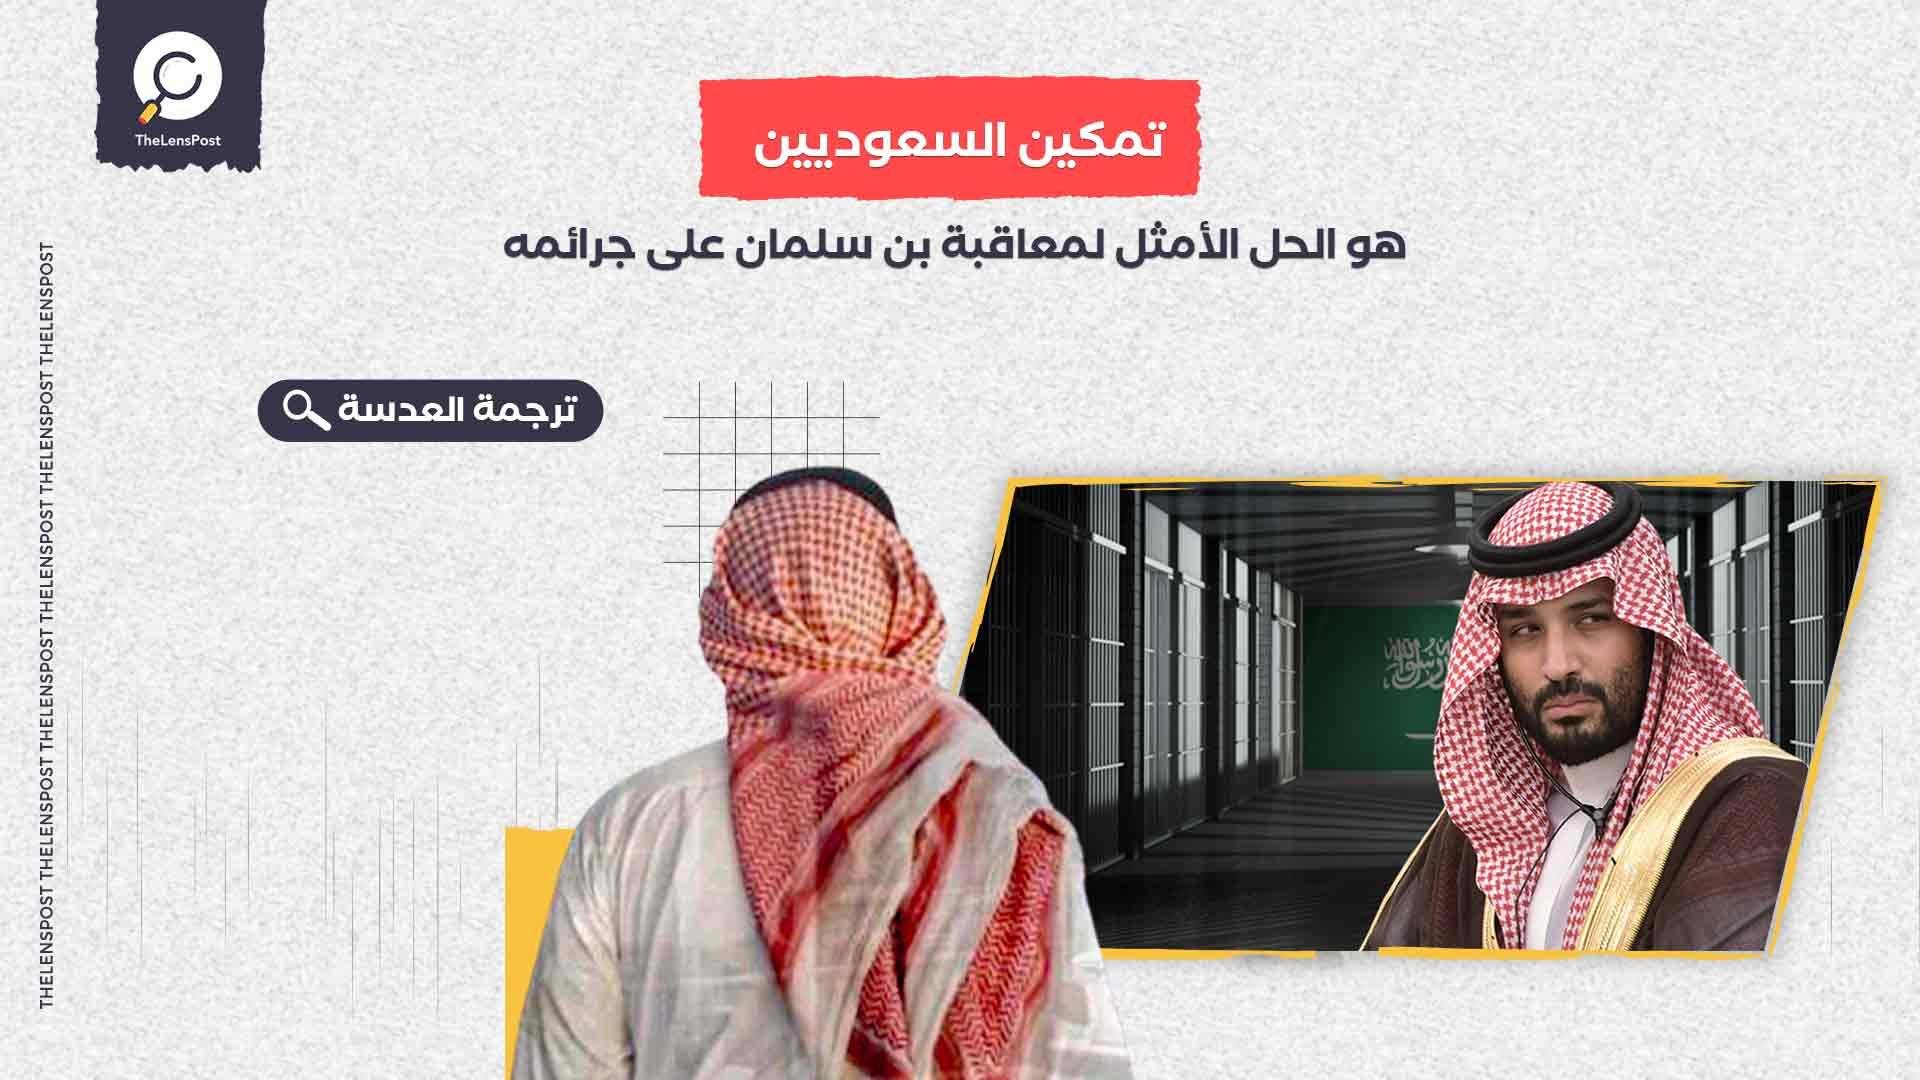 تمكين السعوديين هو الحل الأمثل لمعاقبة بن سلمان على جرائمه